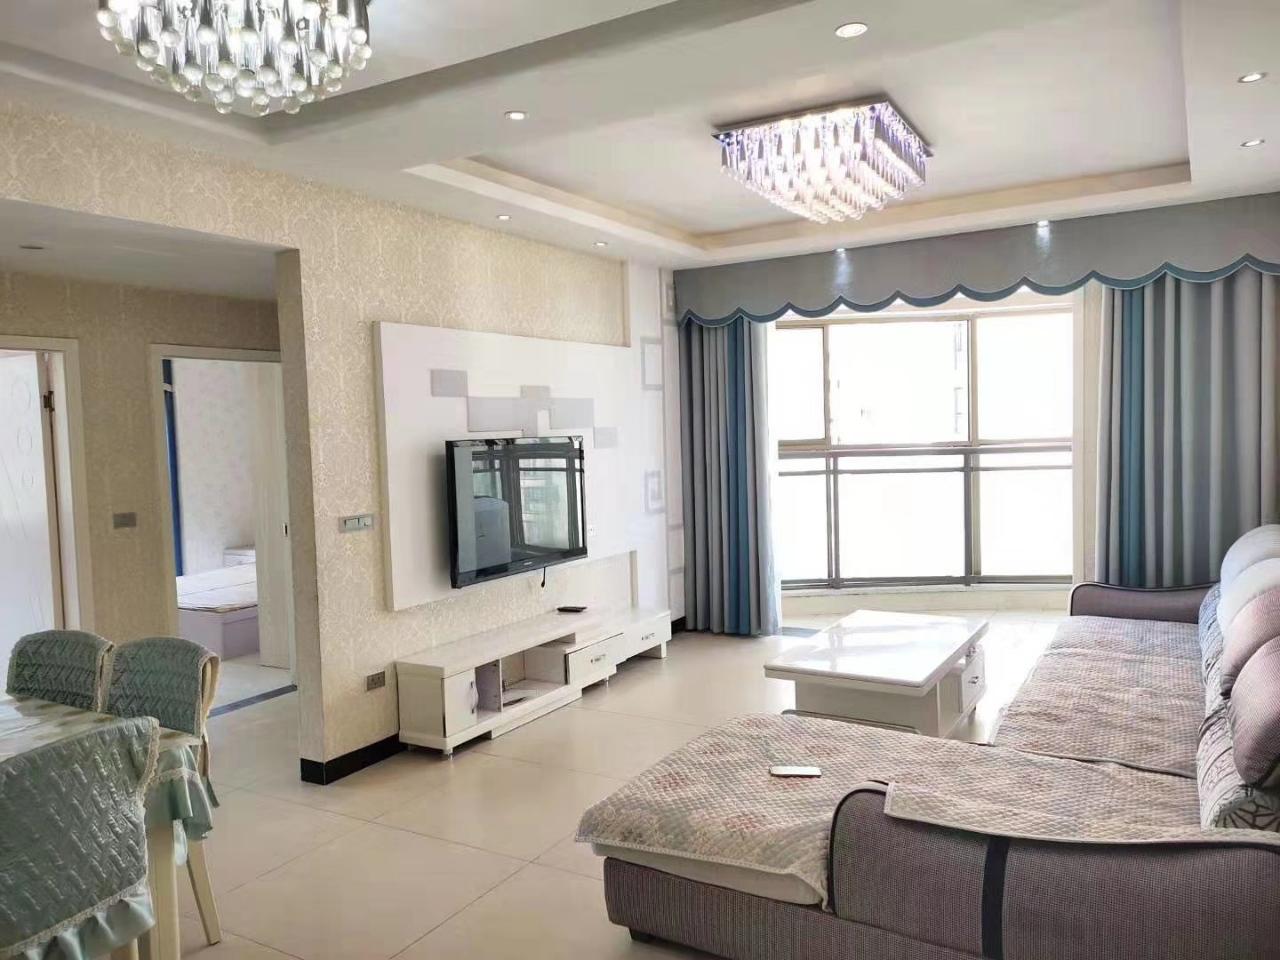 川源第一城2室 2厅 1卫59.8万元